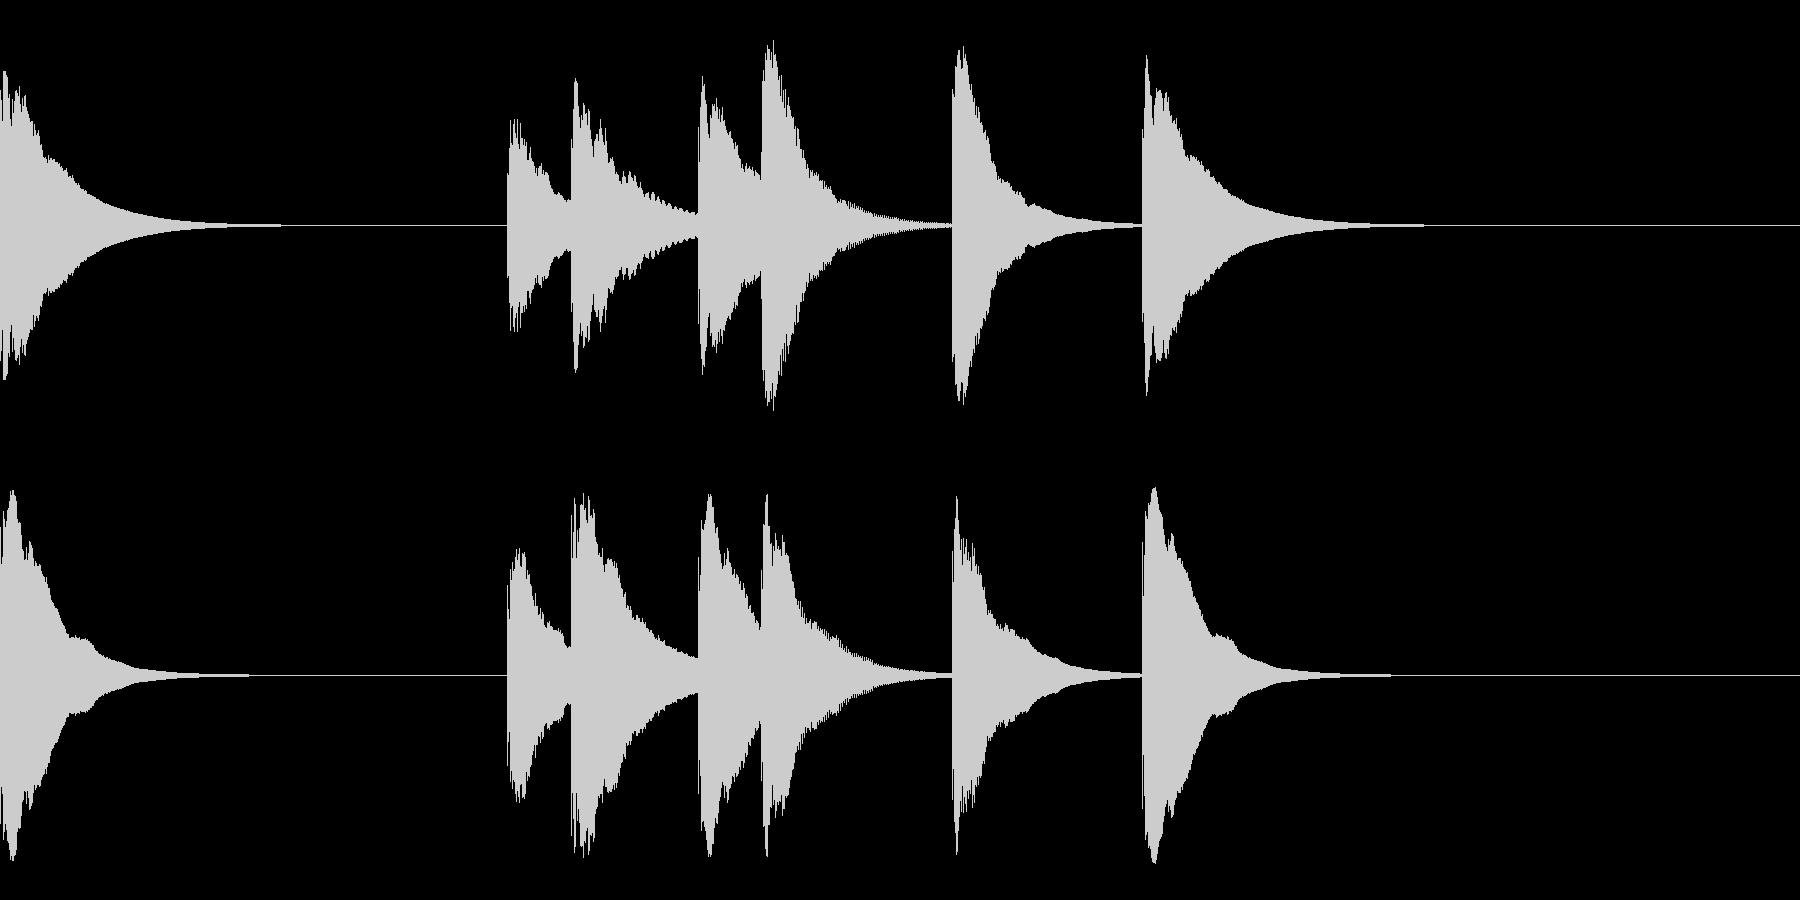 カレーがおいしかった時のジングル3秒の未再生の波形